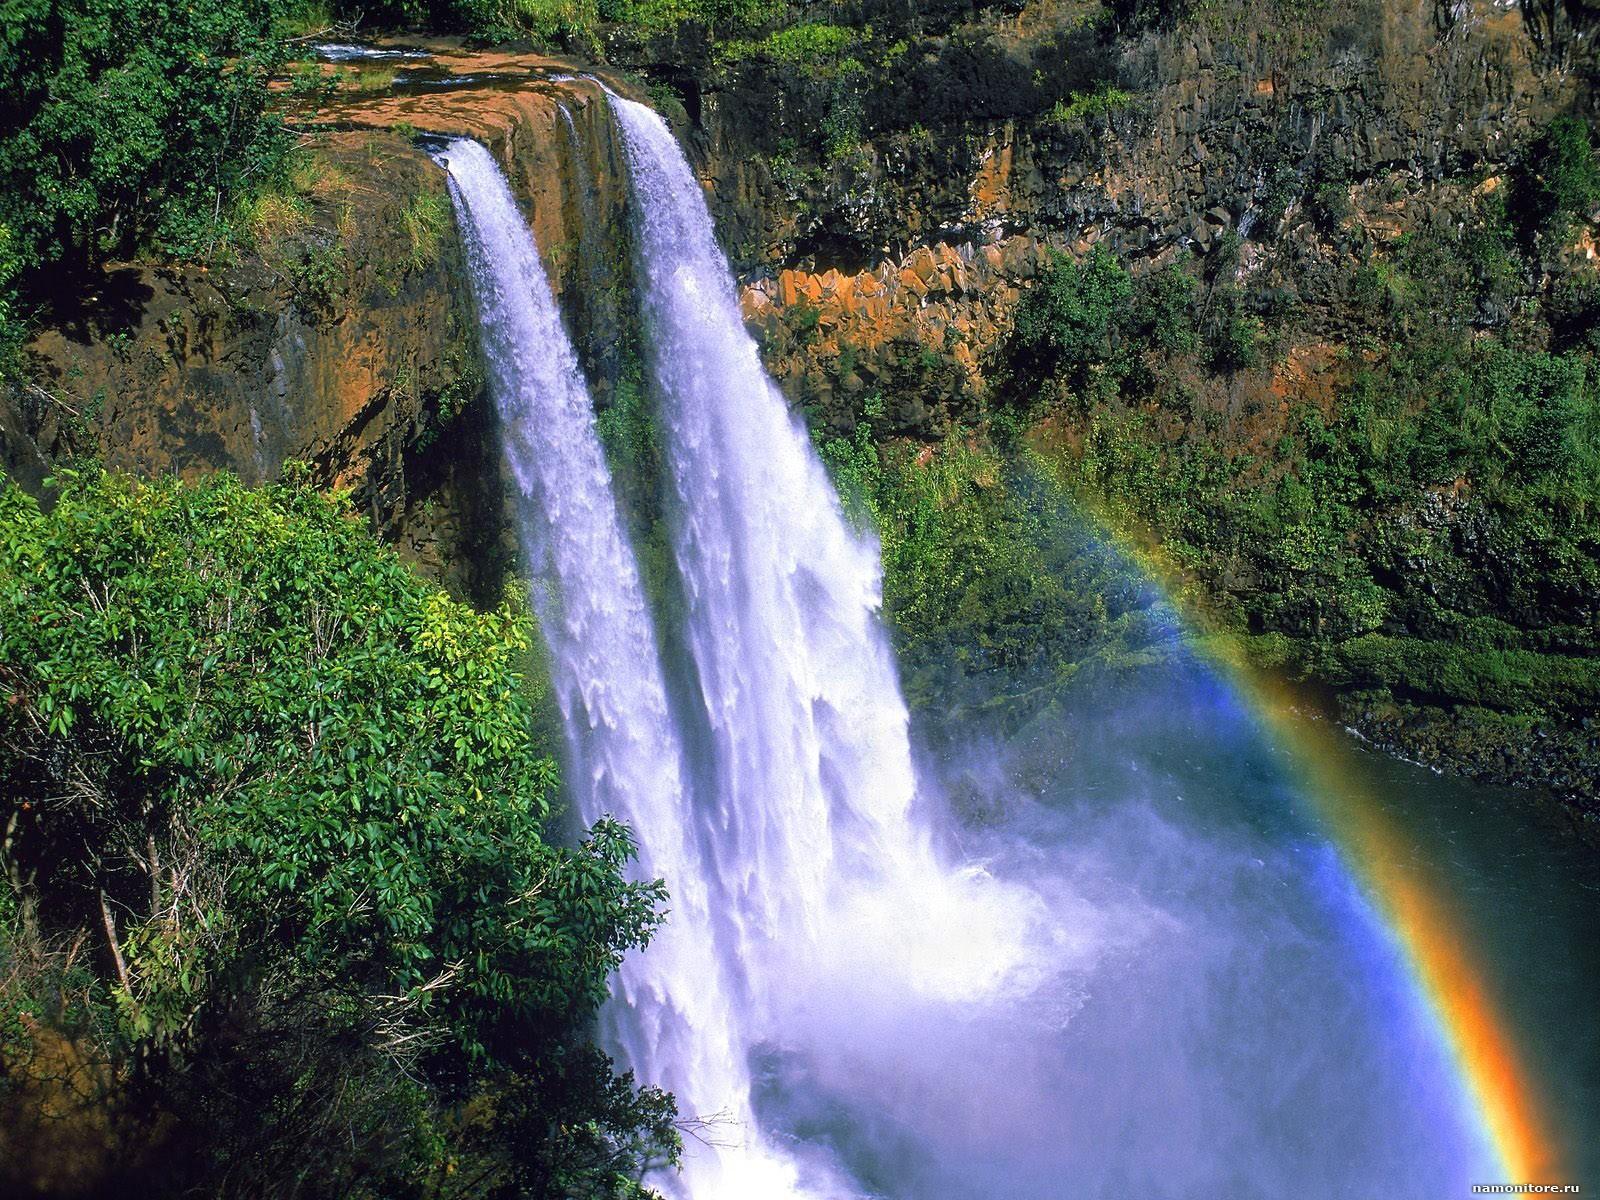 Картинки анимации водопада